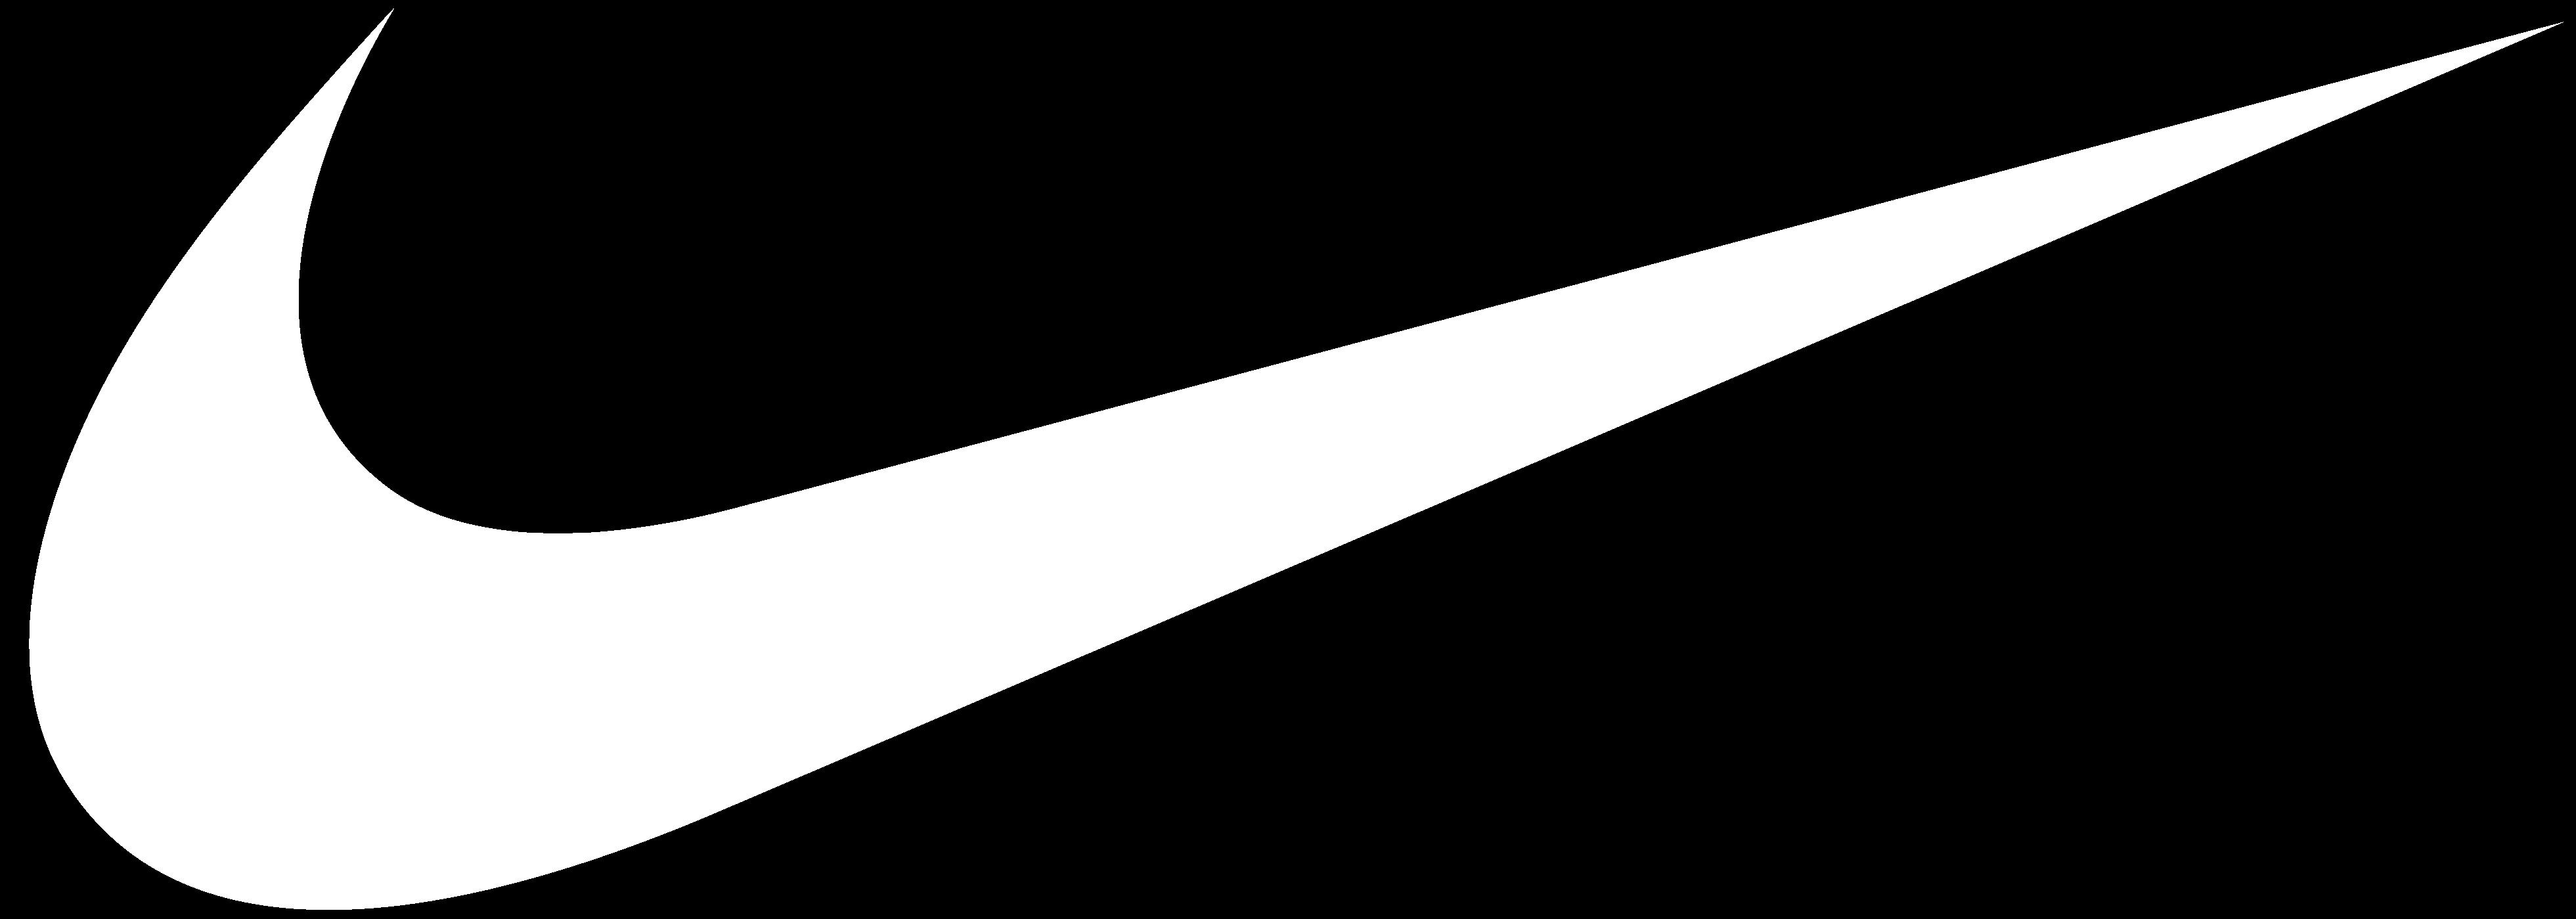 Download PNG image - Nike Log